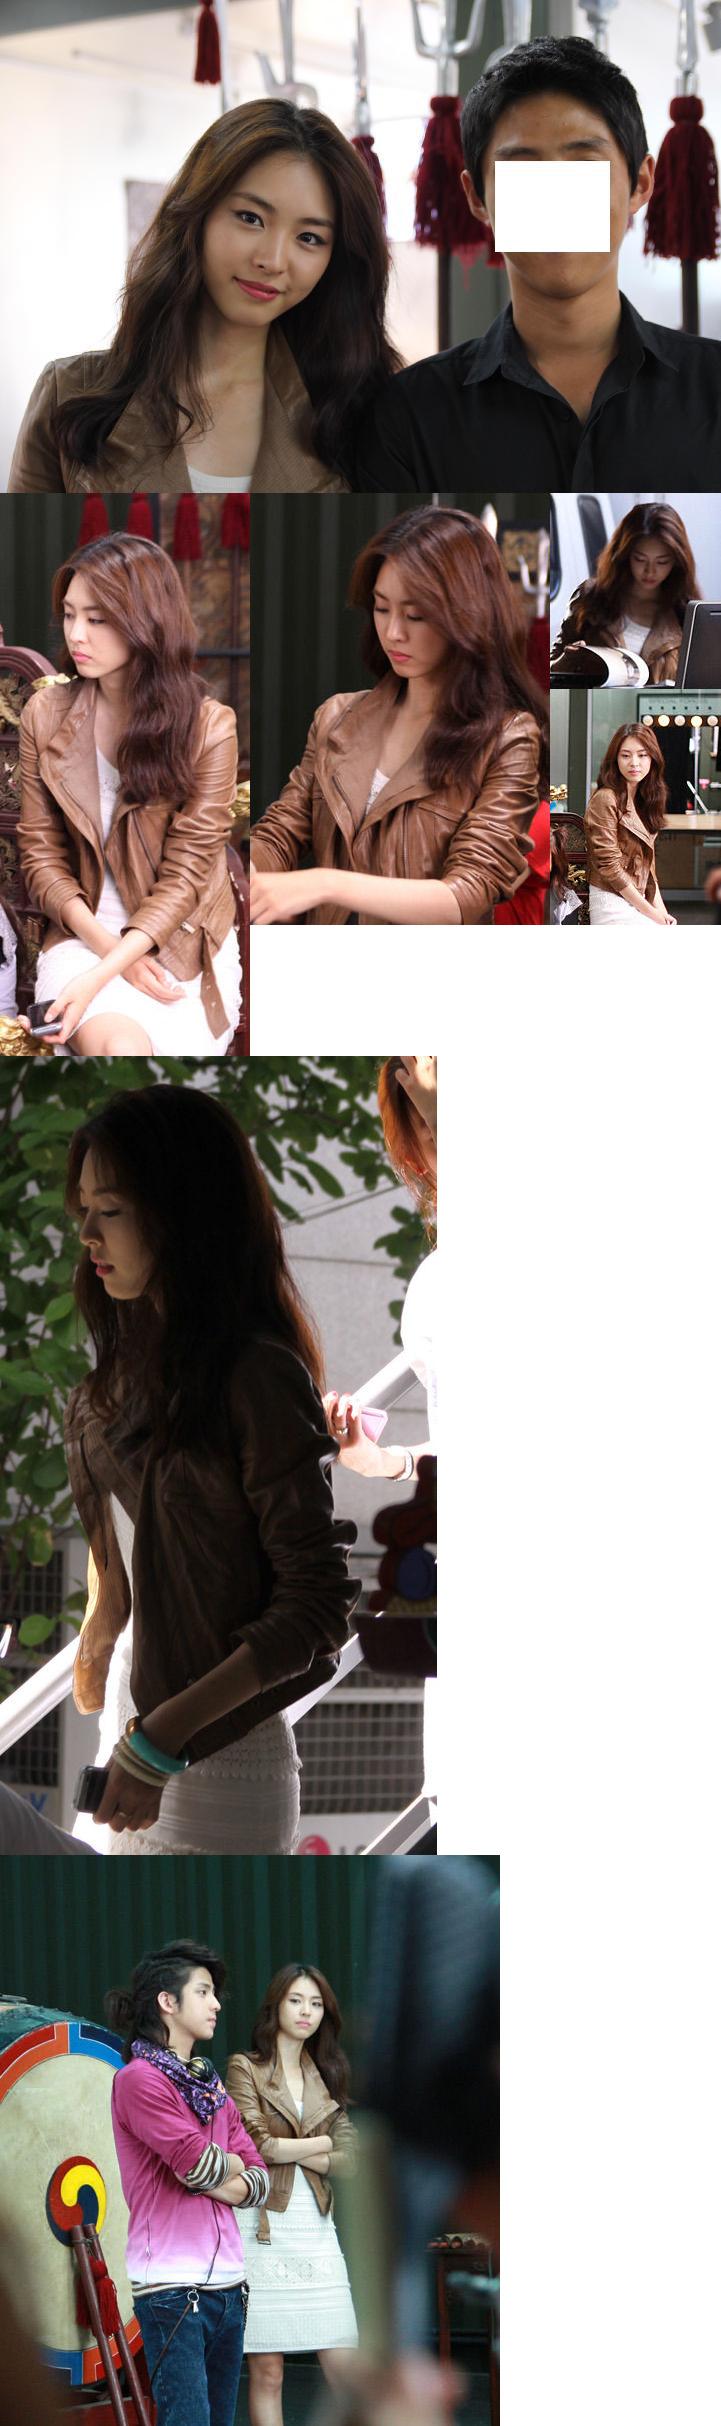 Yeon-hee Lee - Wallpaper Gallery